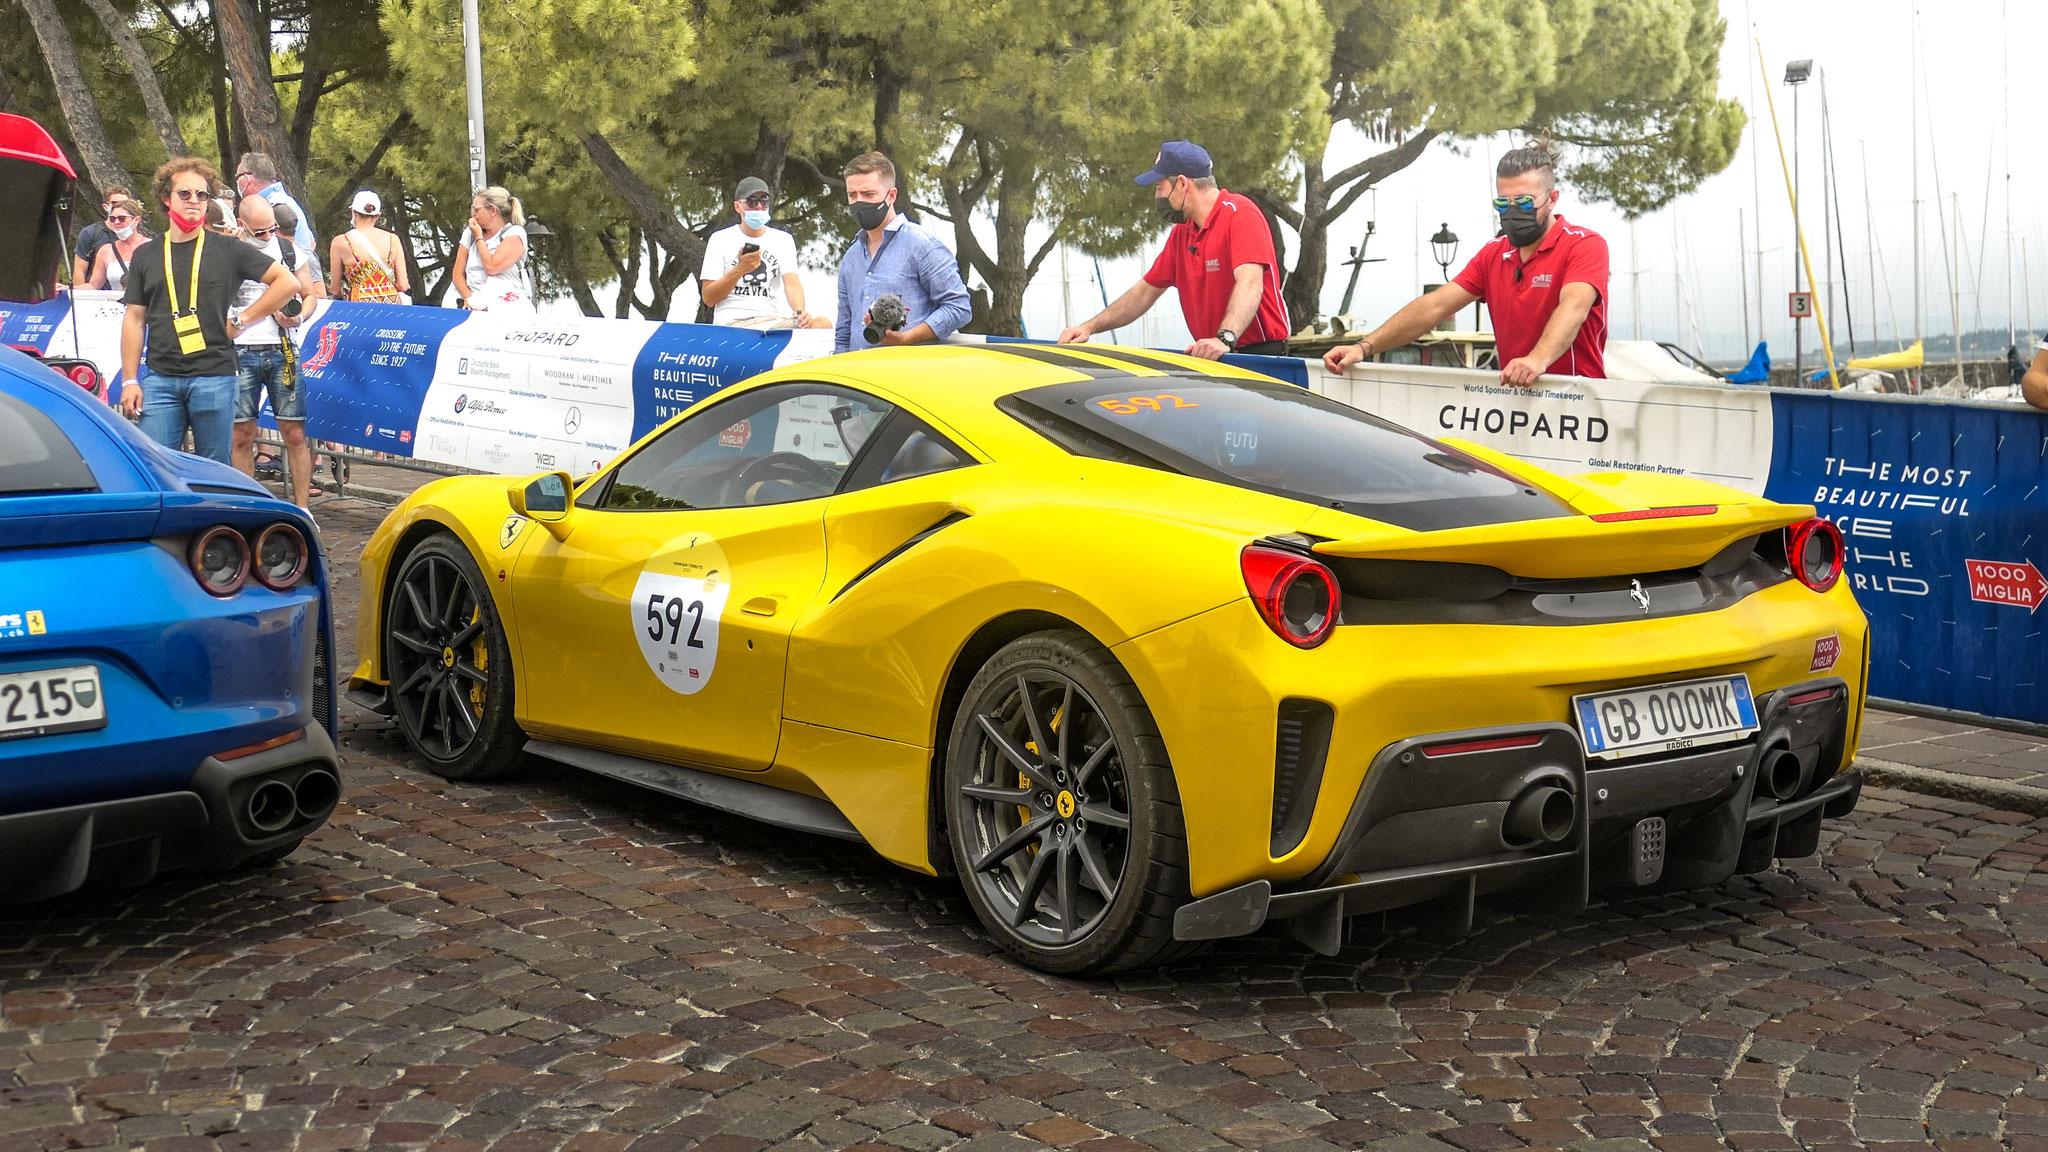 Ferrari 488 Pista - GB-000-MK (ITA)